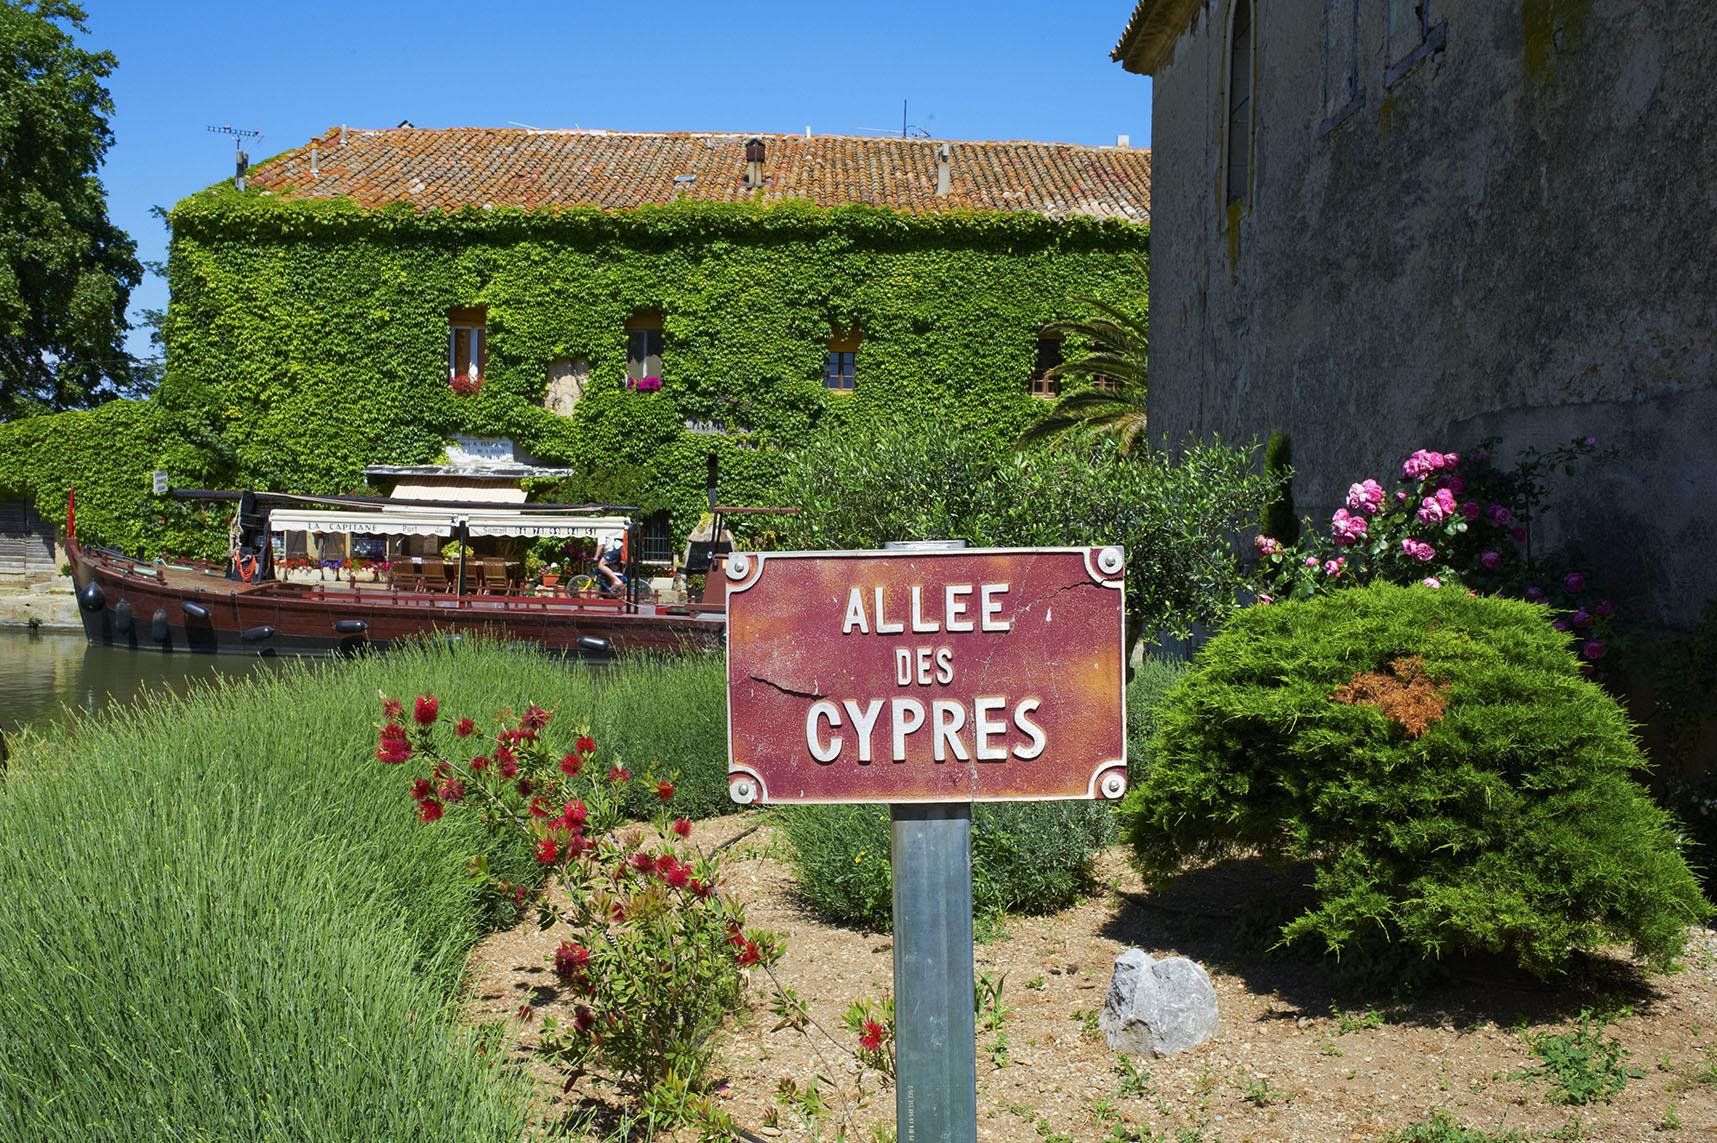 France, Languedoc-Roussillon, Aude (11), city of Le Somail, Canal du Midi, river harbour